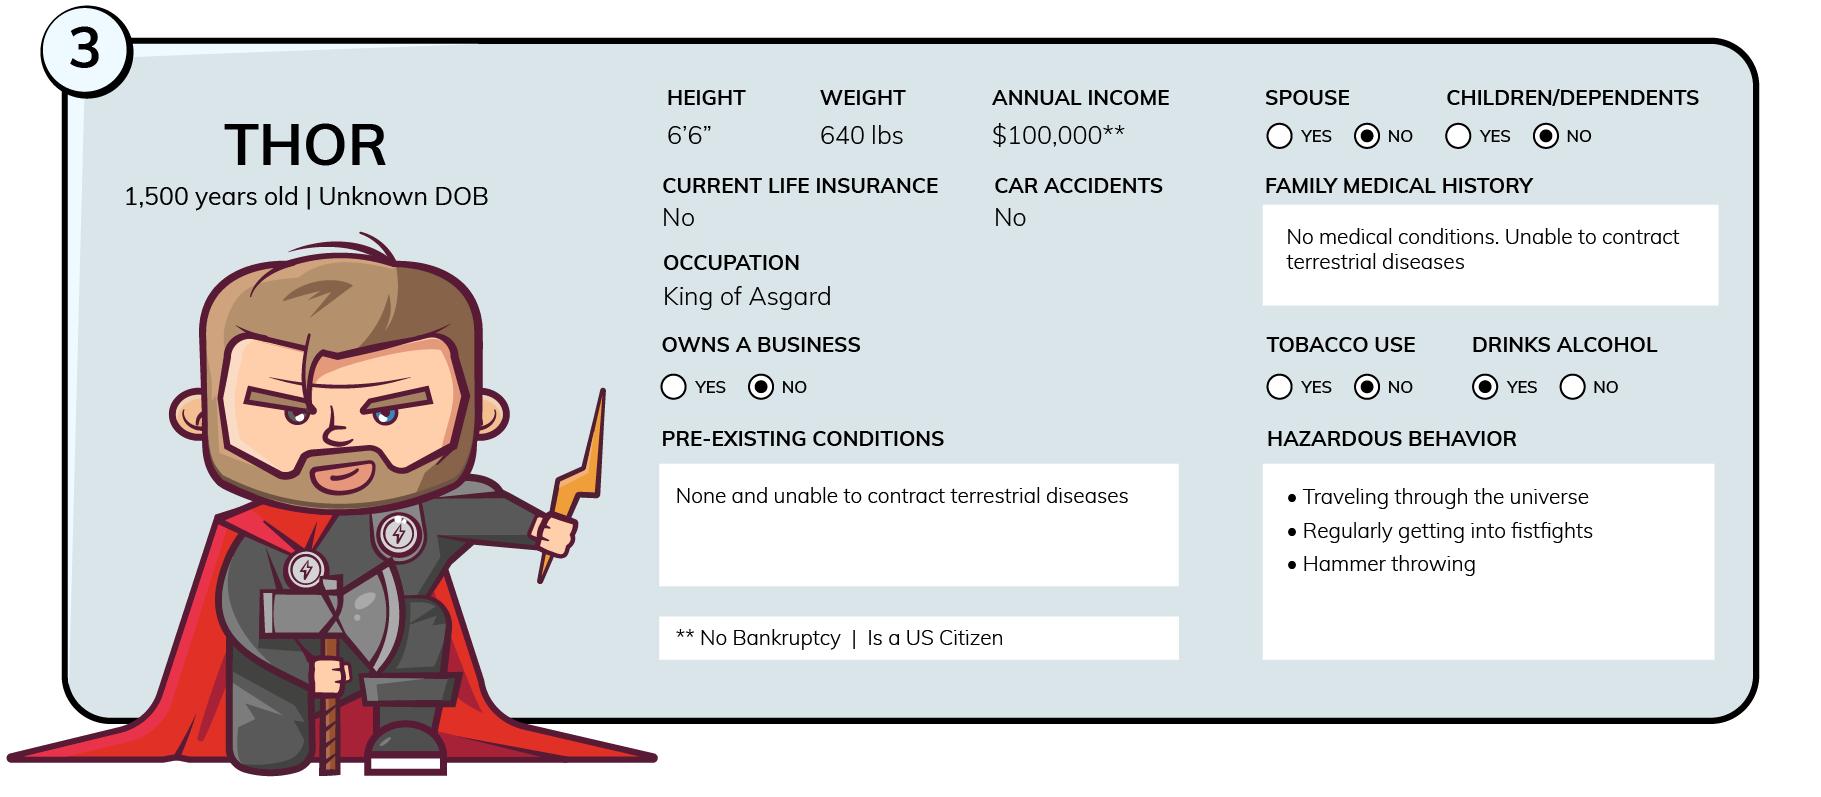 Avengers_Thor_Life-Insurance